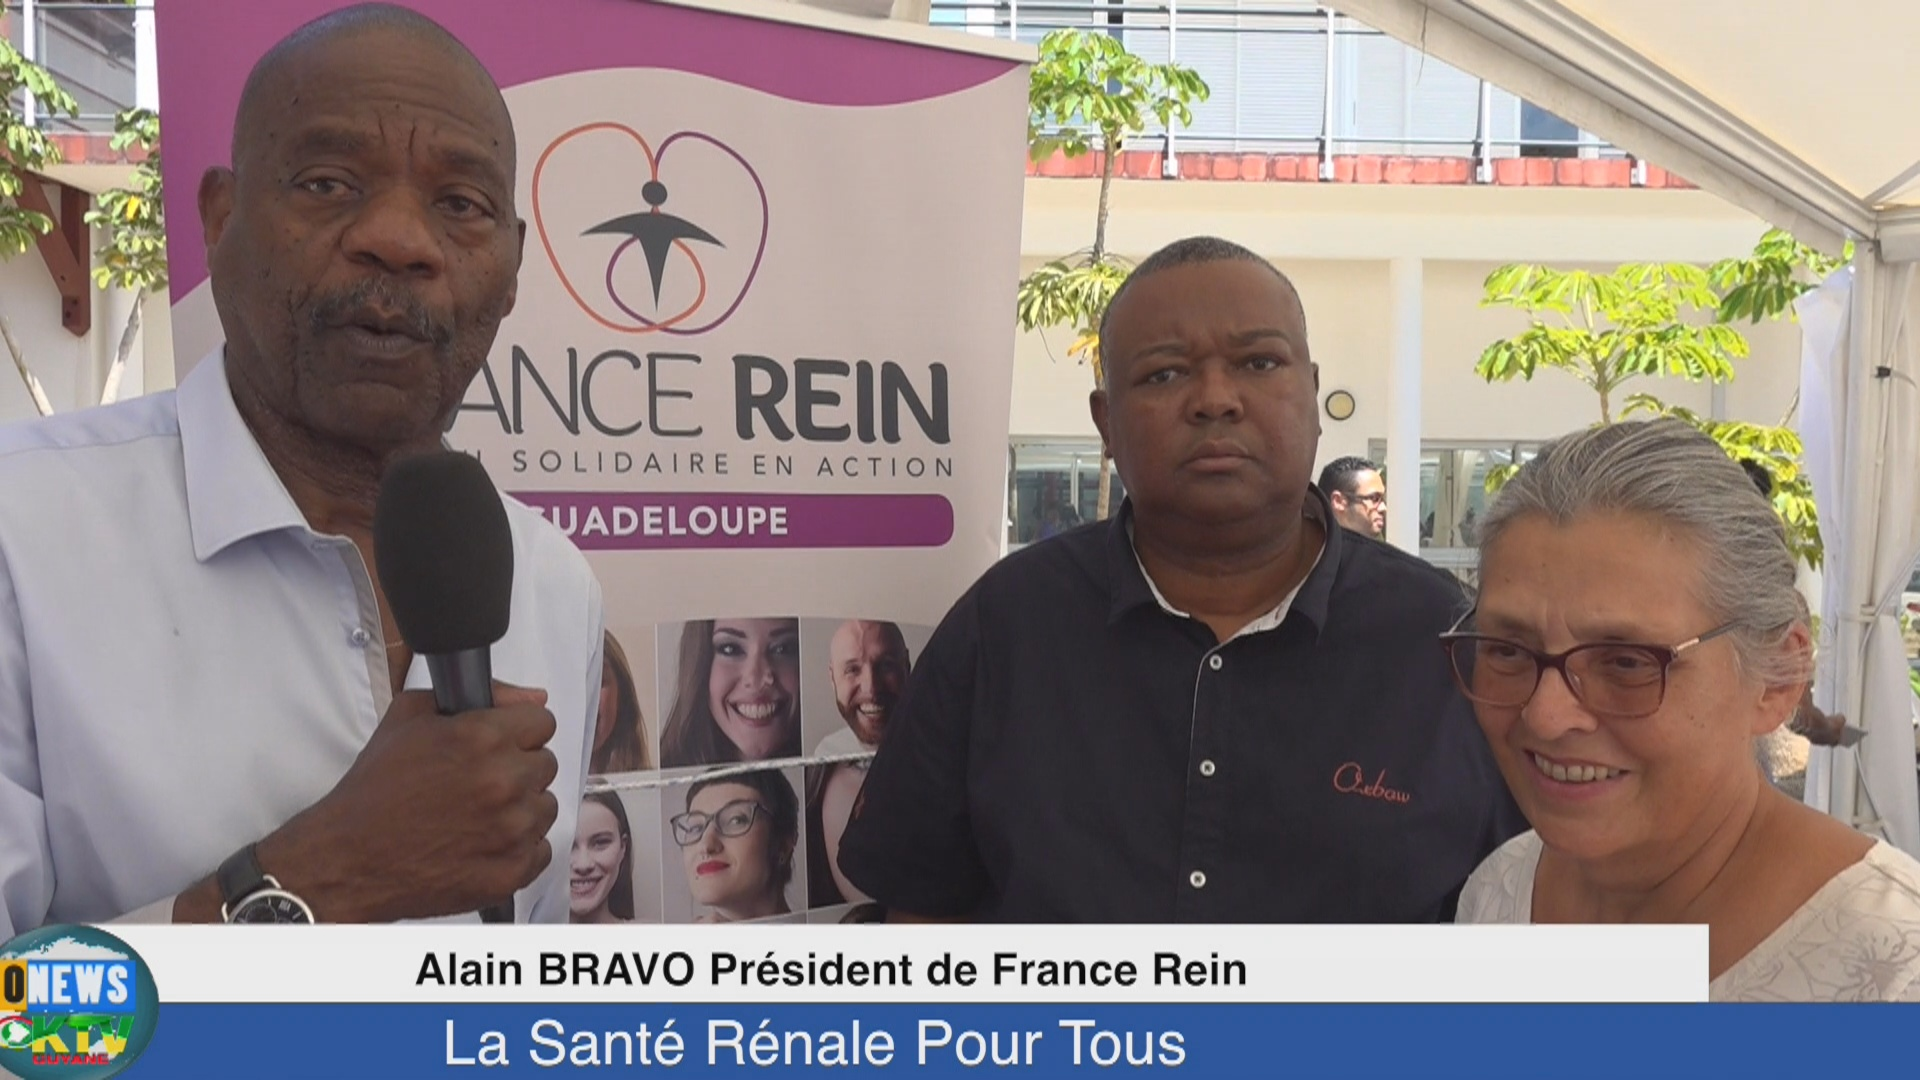 [Vidéo]. Onews Guadeloupe. La Santé Rénale pour tous.